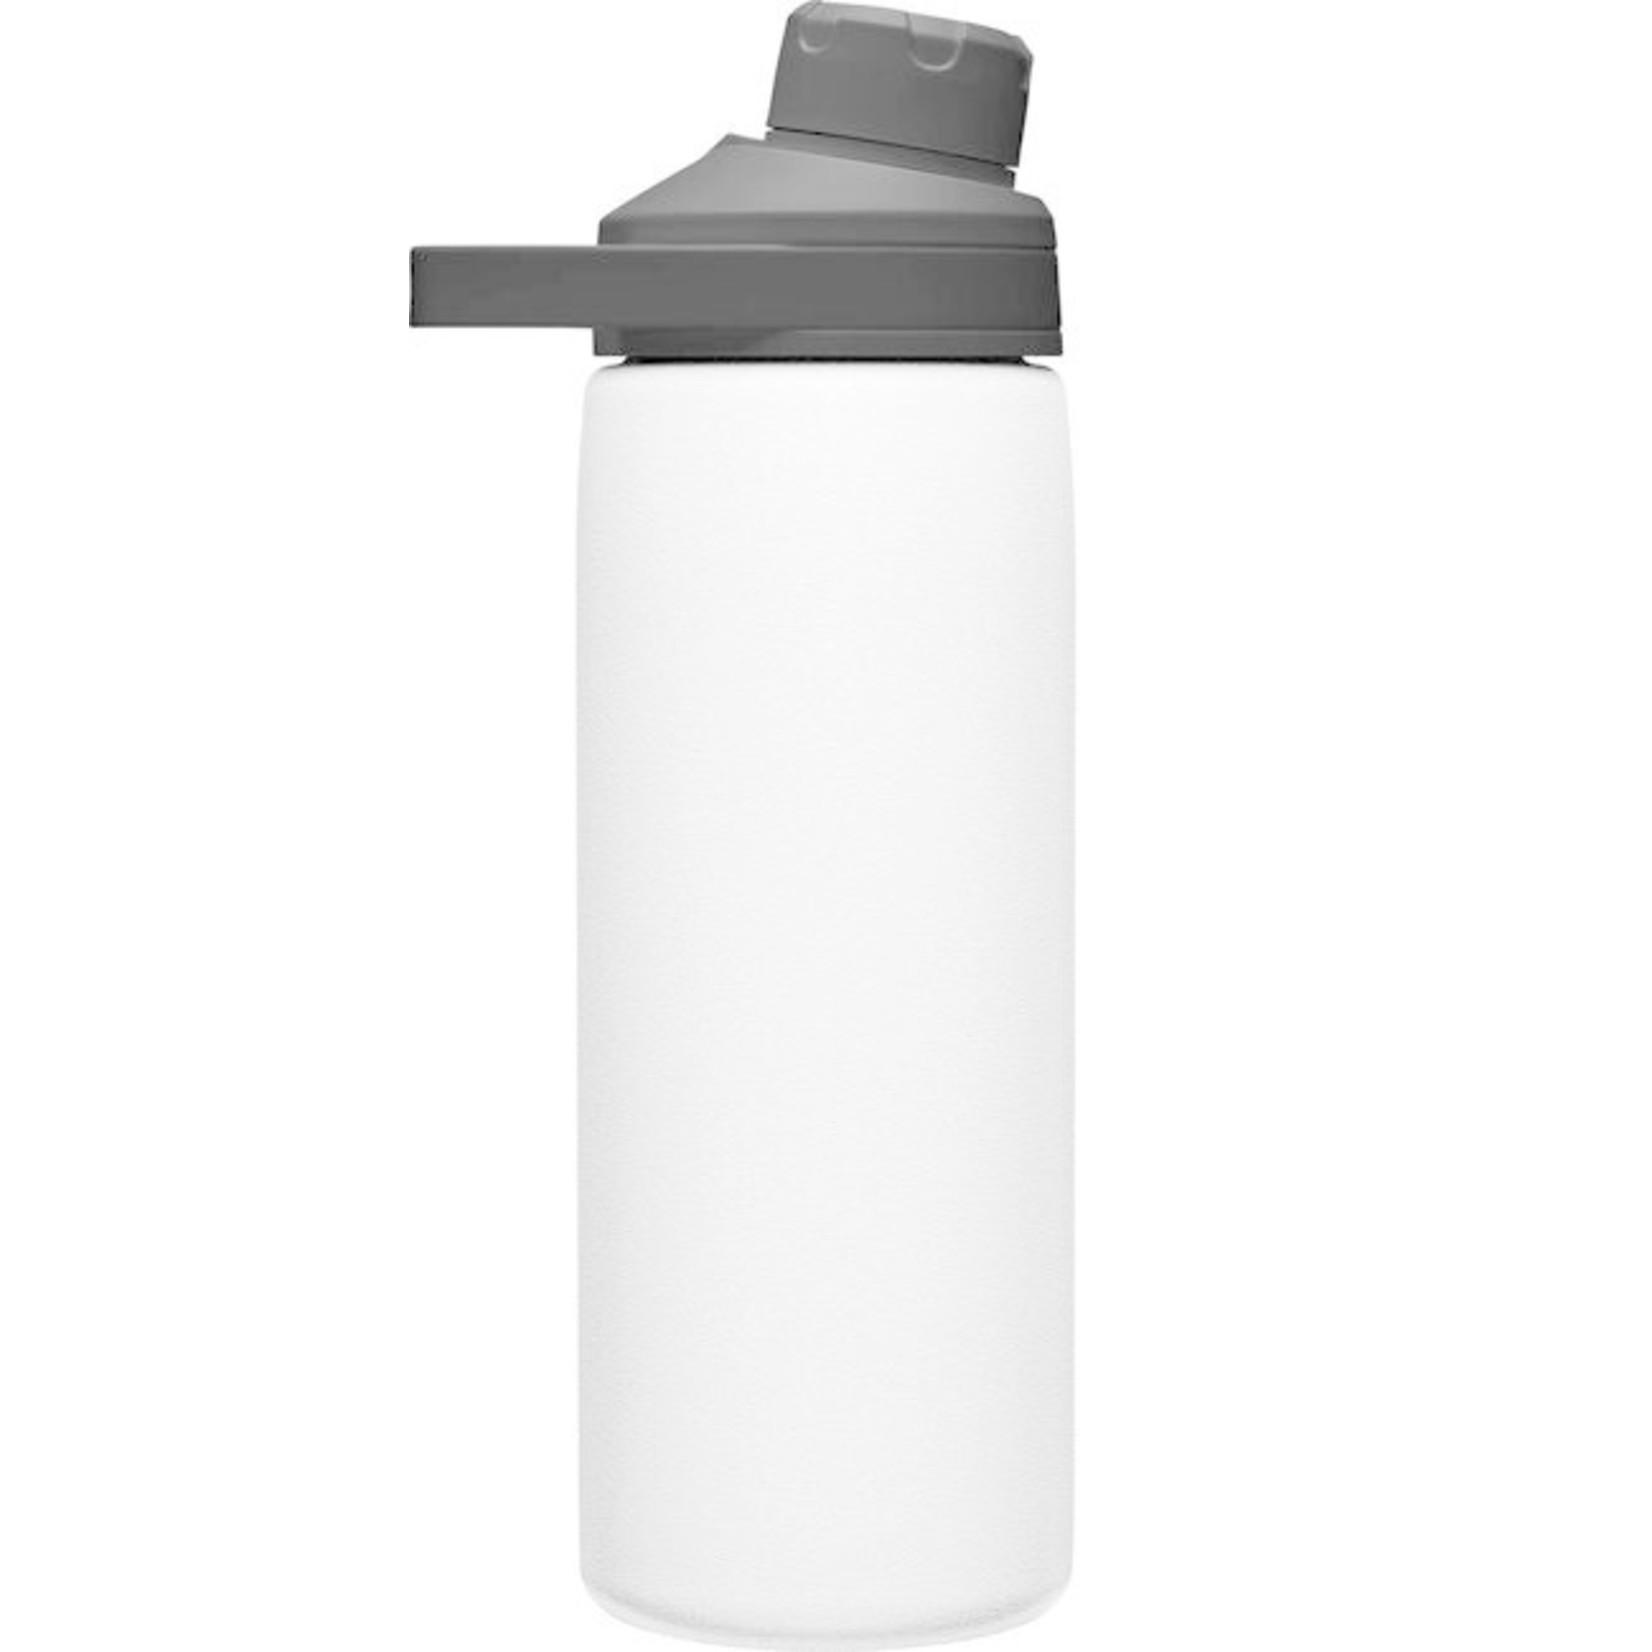 CAMELBAK CamelBak Chute Mag Insulated Stainless Steel Bottle